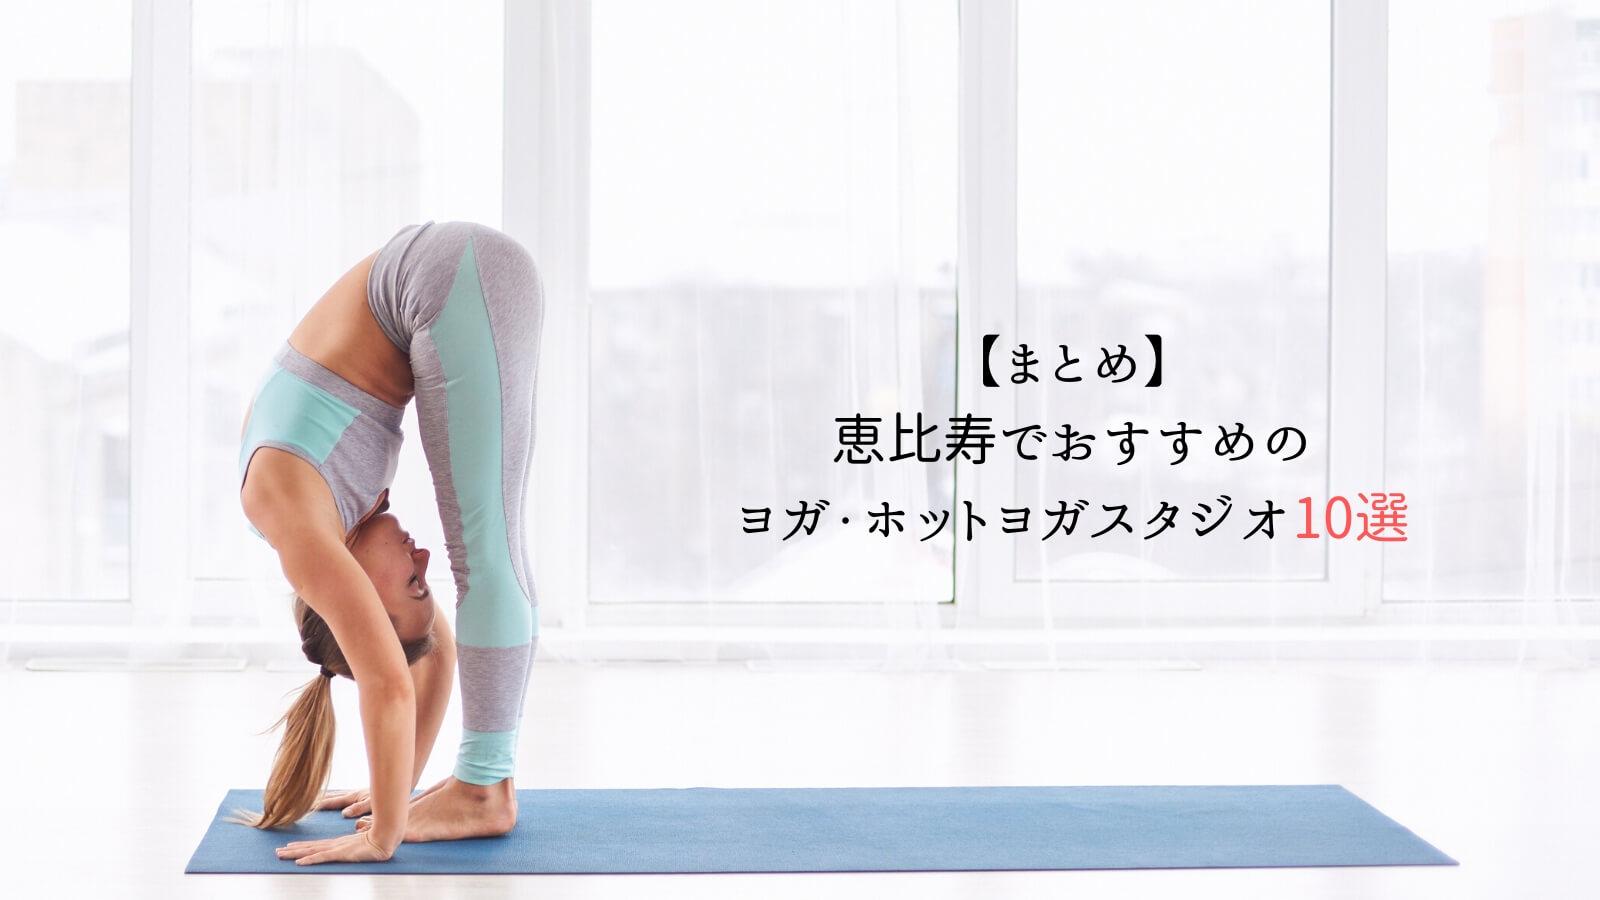 【まとめ】恵比寿でおすすめのヨガ・ホットヨガスタジオ10選